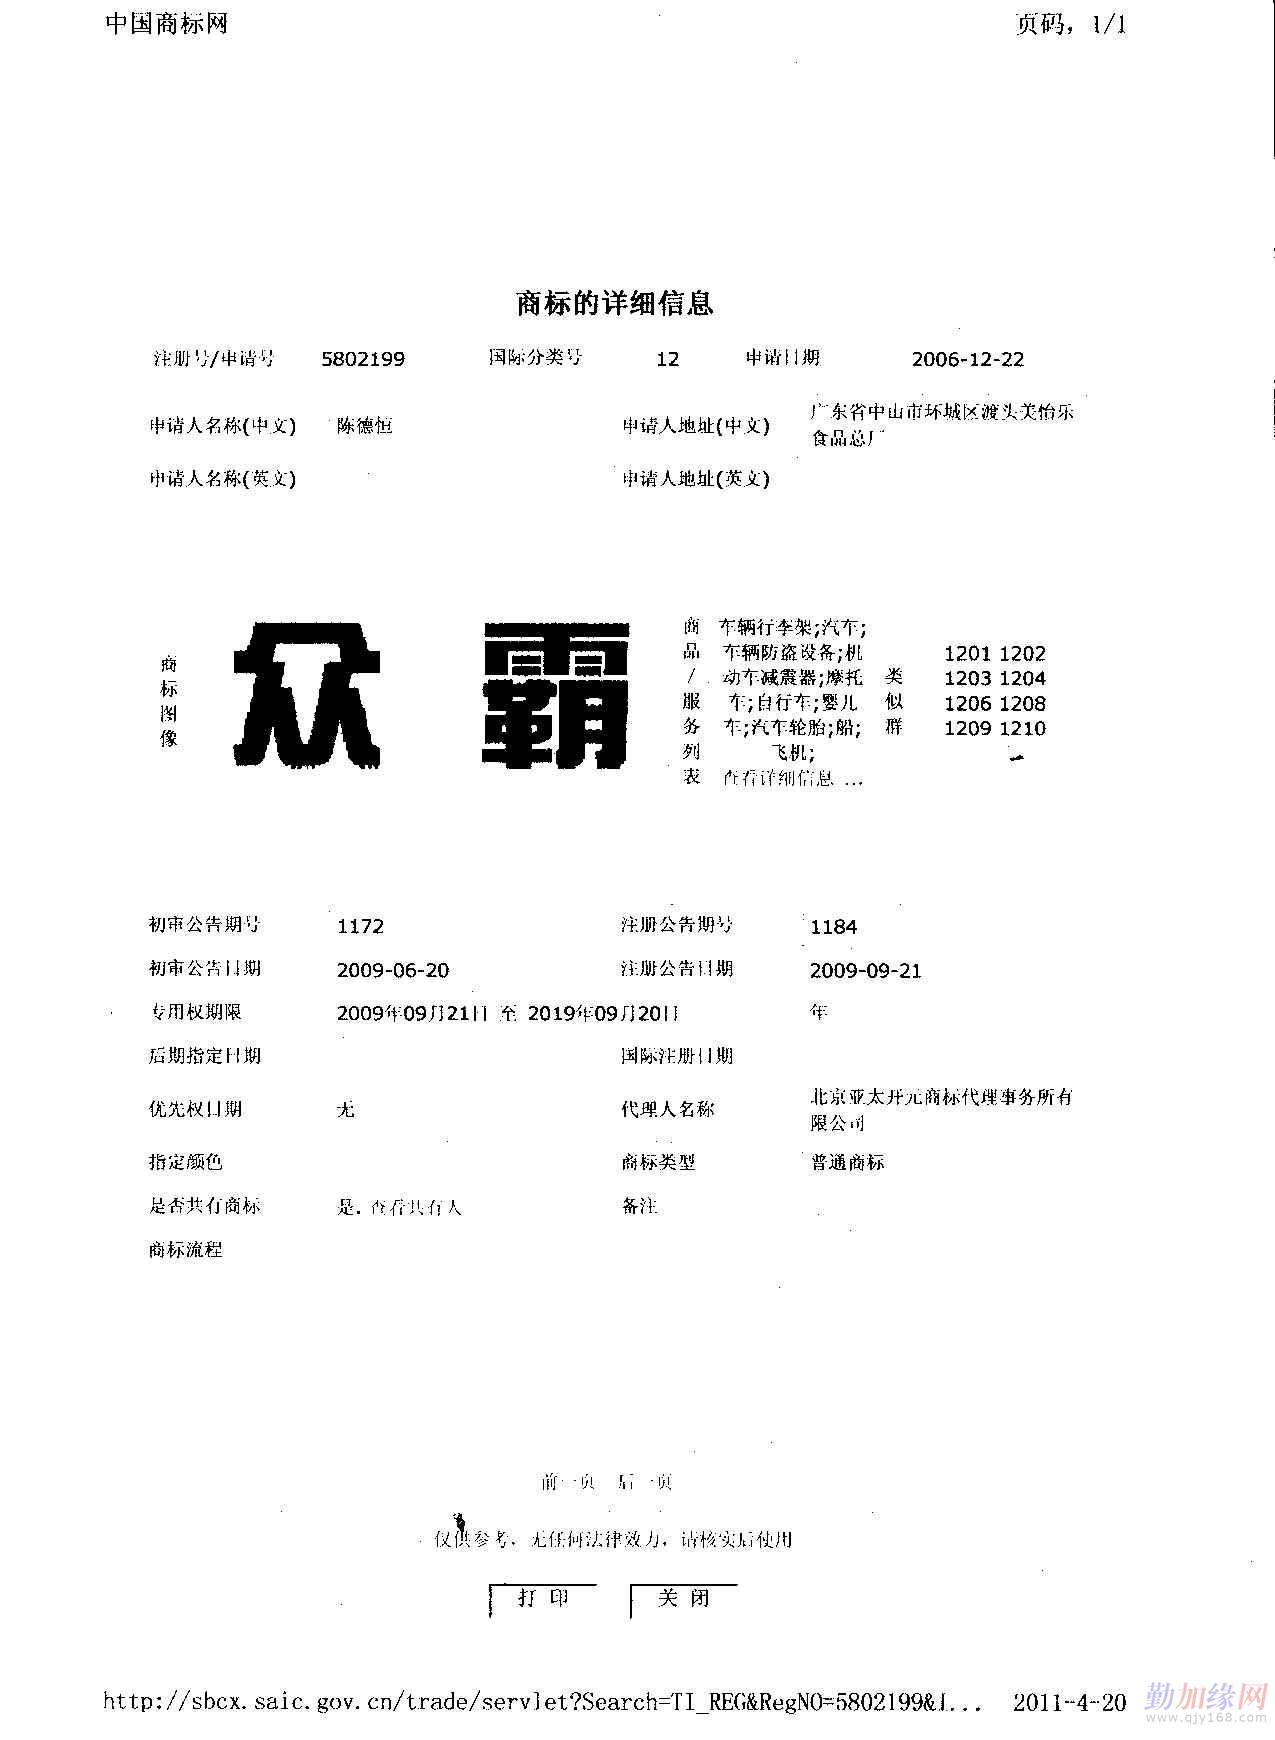 惠州商标注册流程及费用,惠州注册商标查询网_手机搜狐网